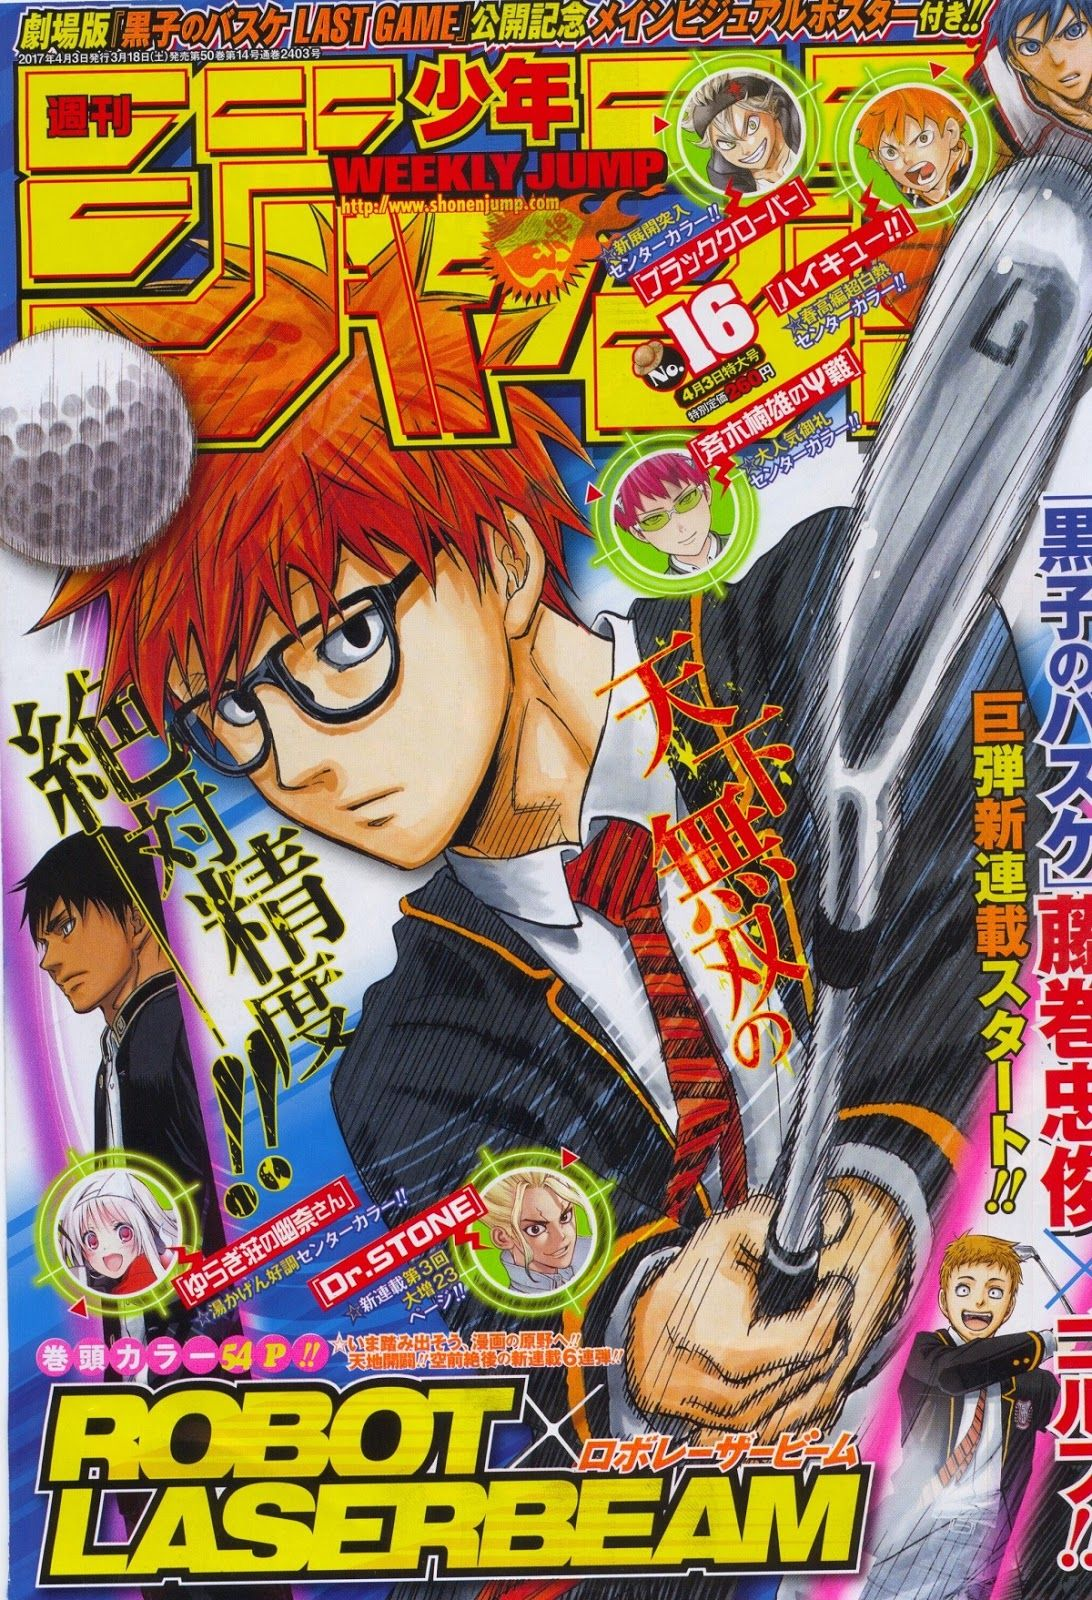 Ranking semanal de la revista Weekly Shonen Jump edición